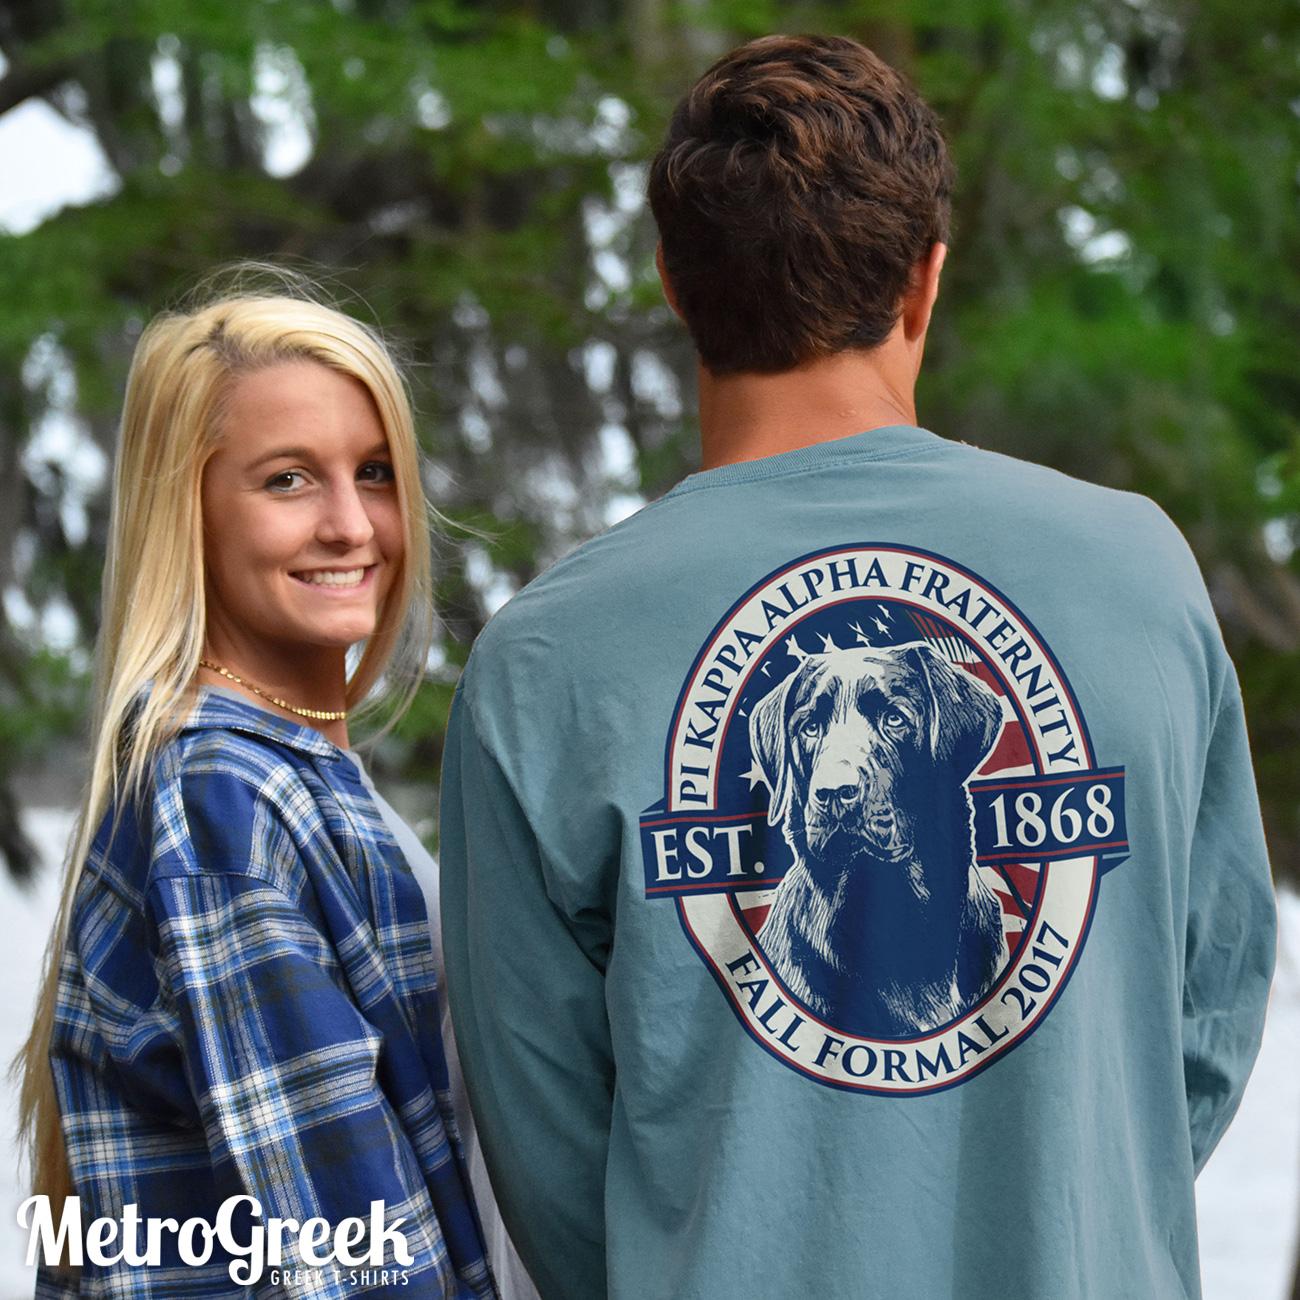 Pi Kappa Alpha Formal T-shirts